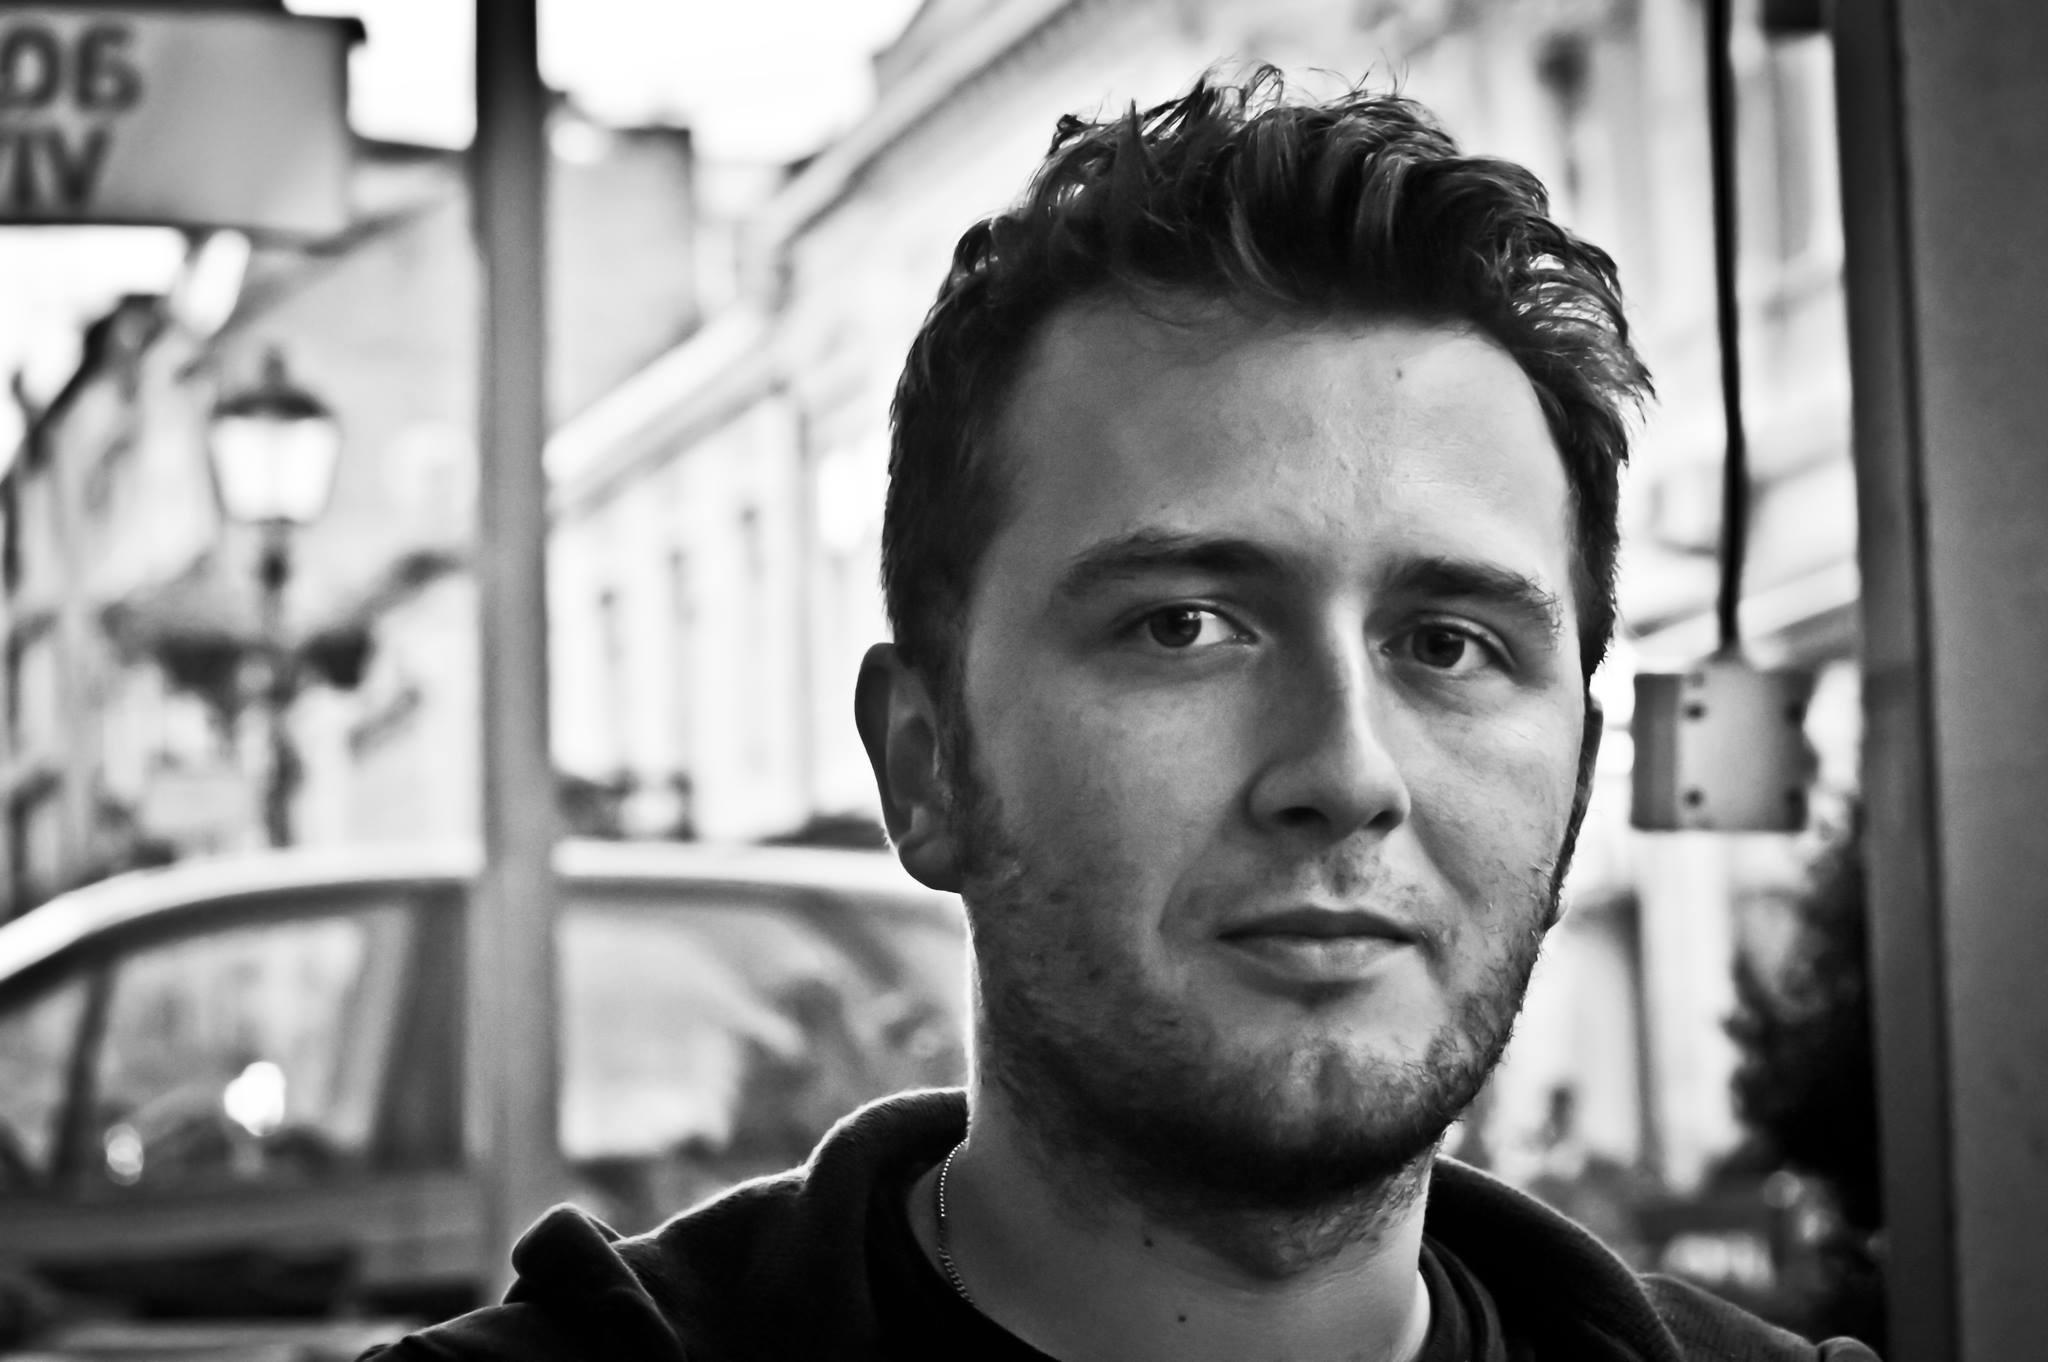 Zbyt optymistyczne – wywiad z Wojciechem Gunią